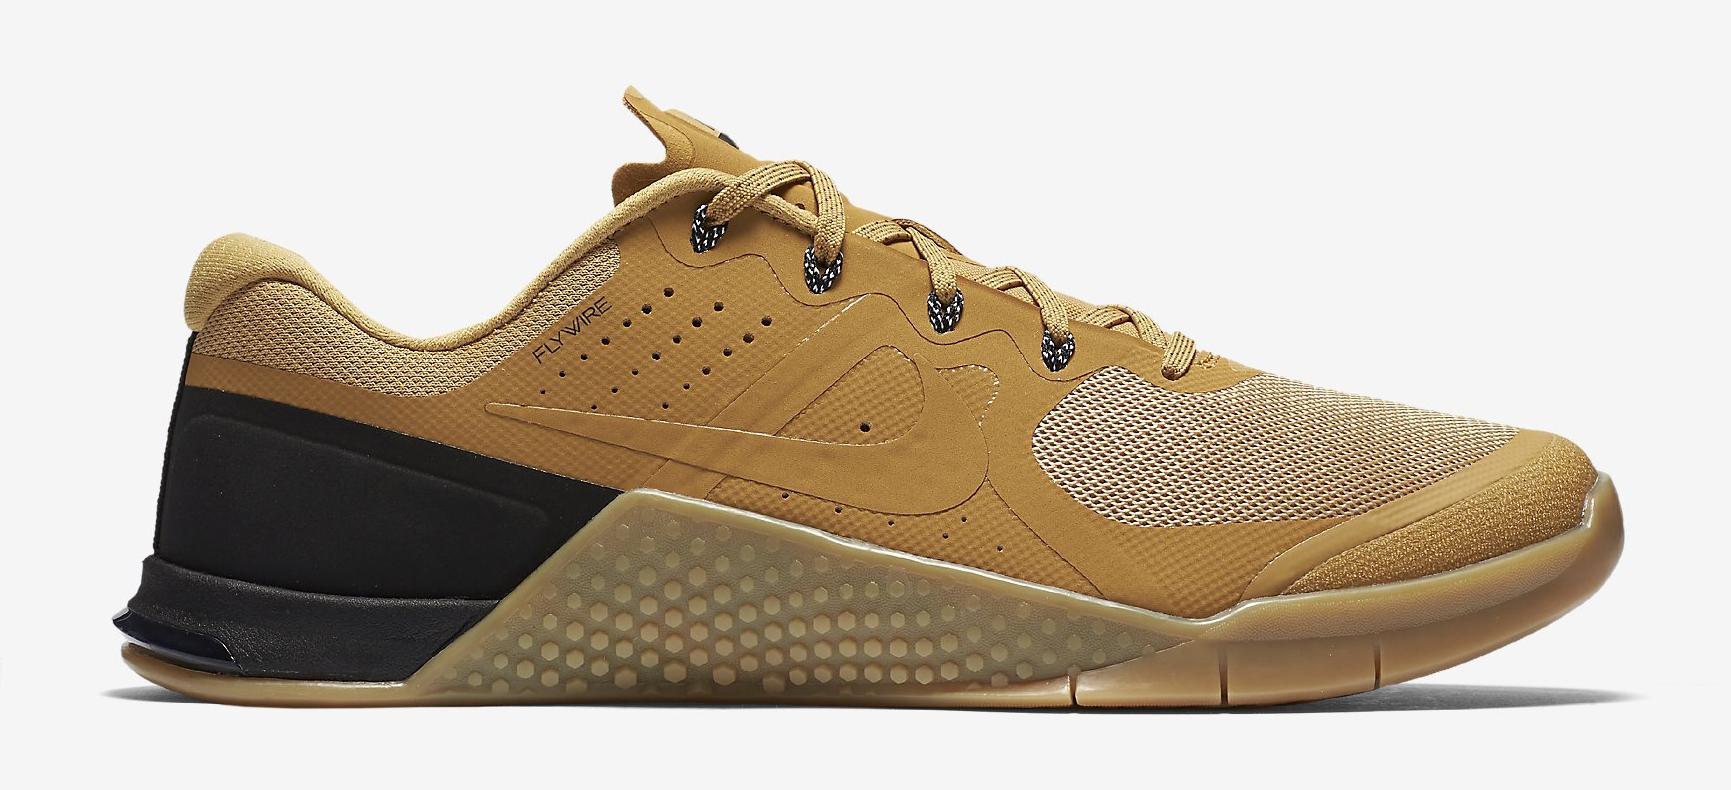 Nike Metcon 2 Wheat 819899-702 Profile